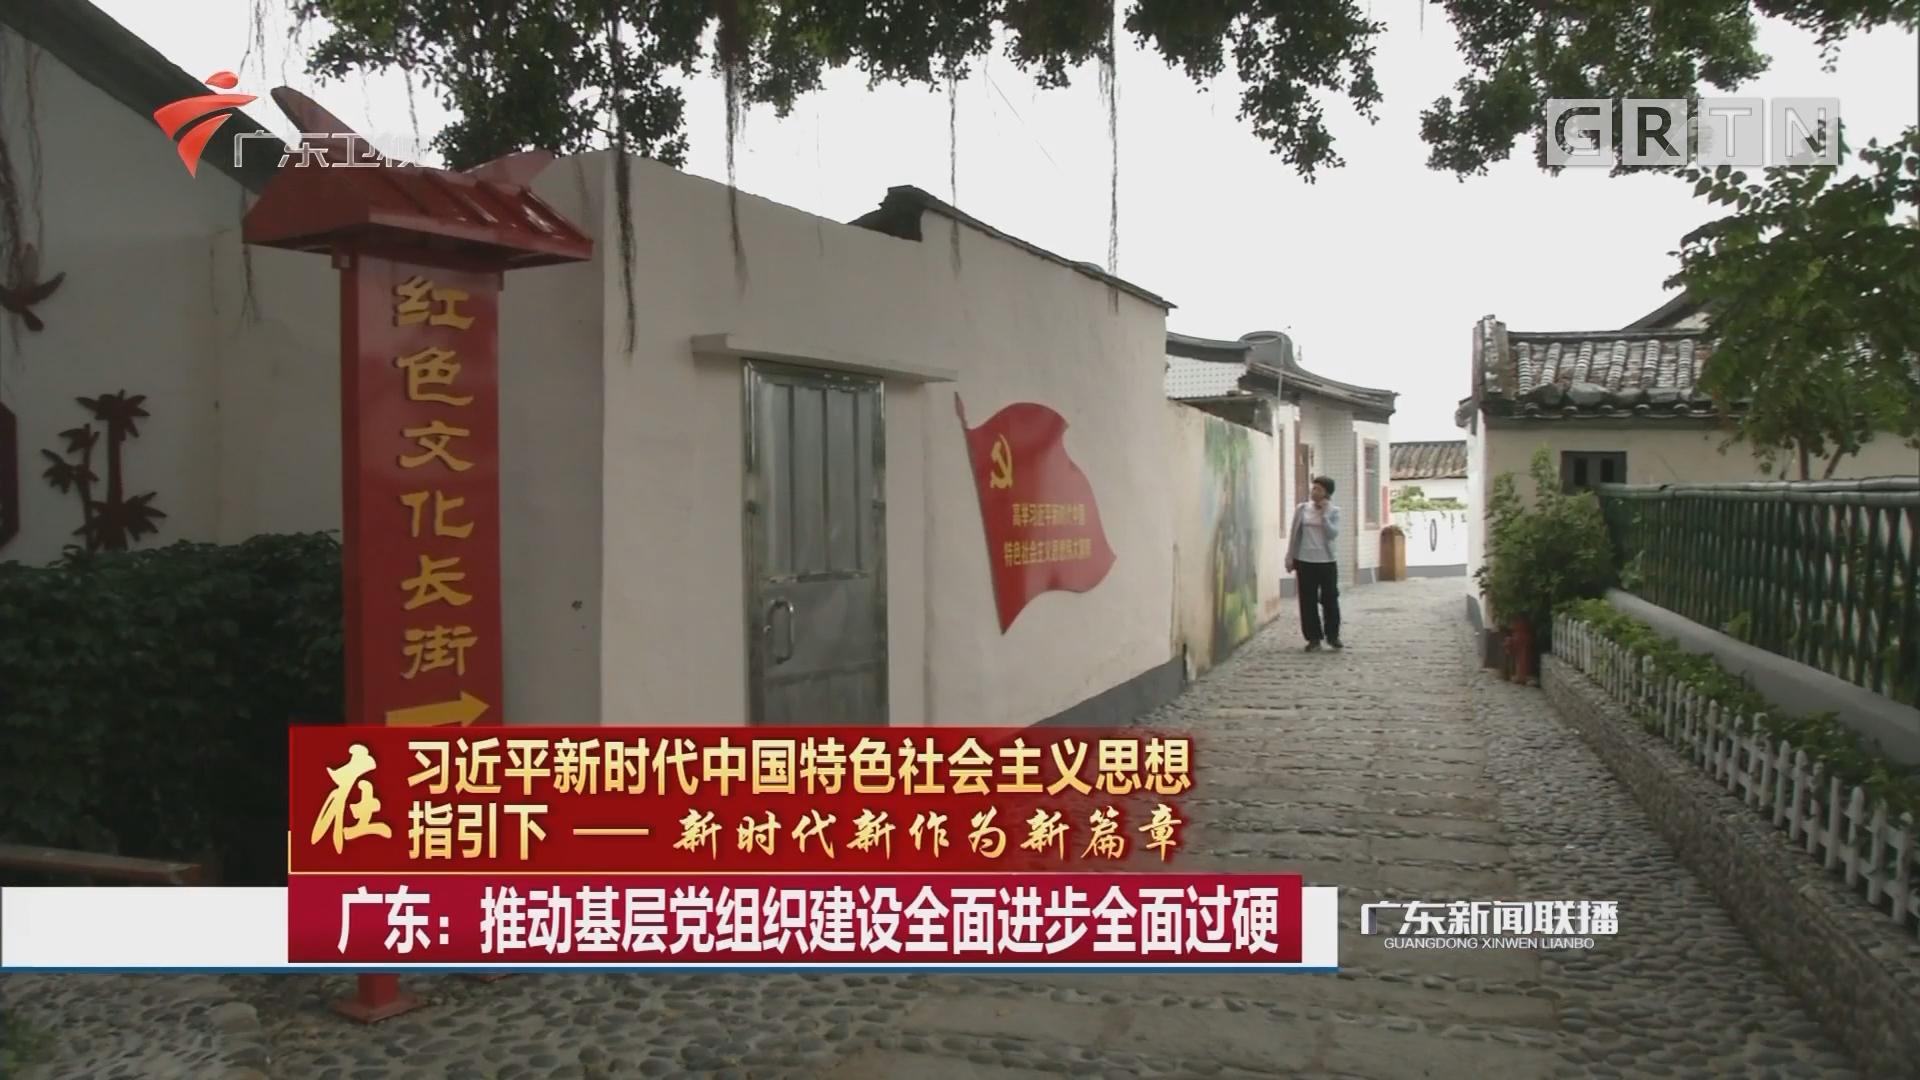 广东:推动基层党组织建设全面进步全面过硬